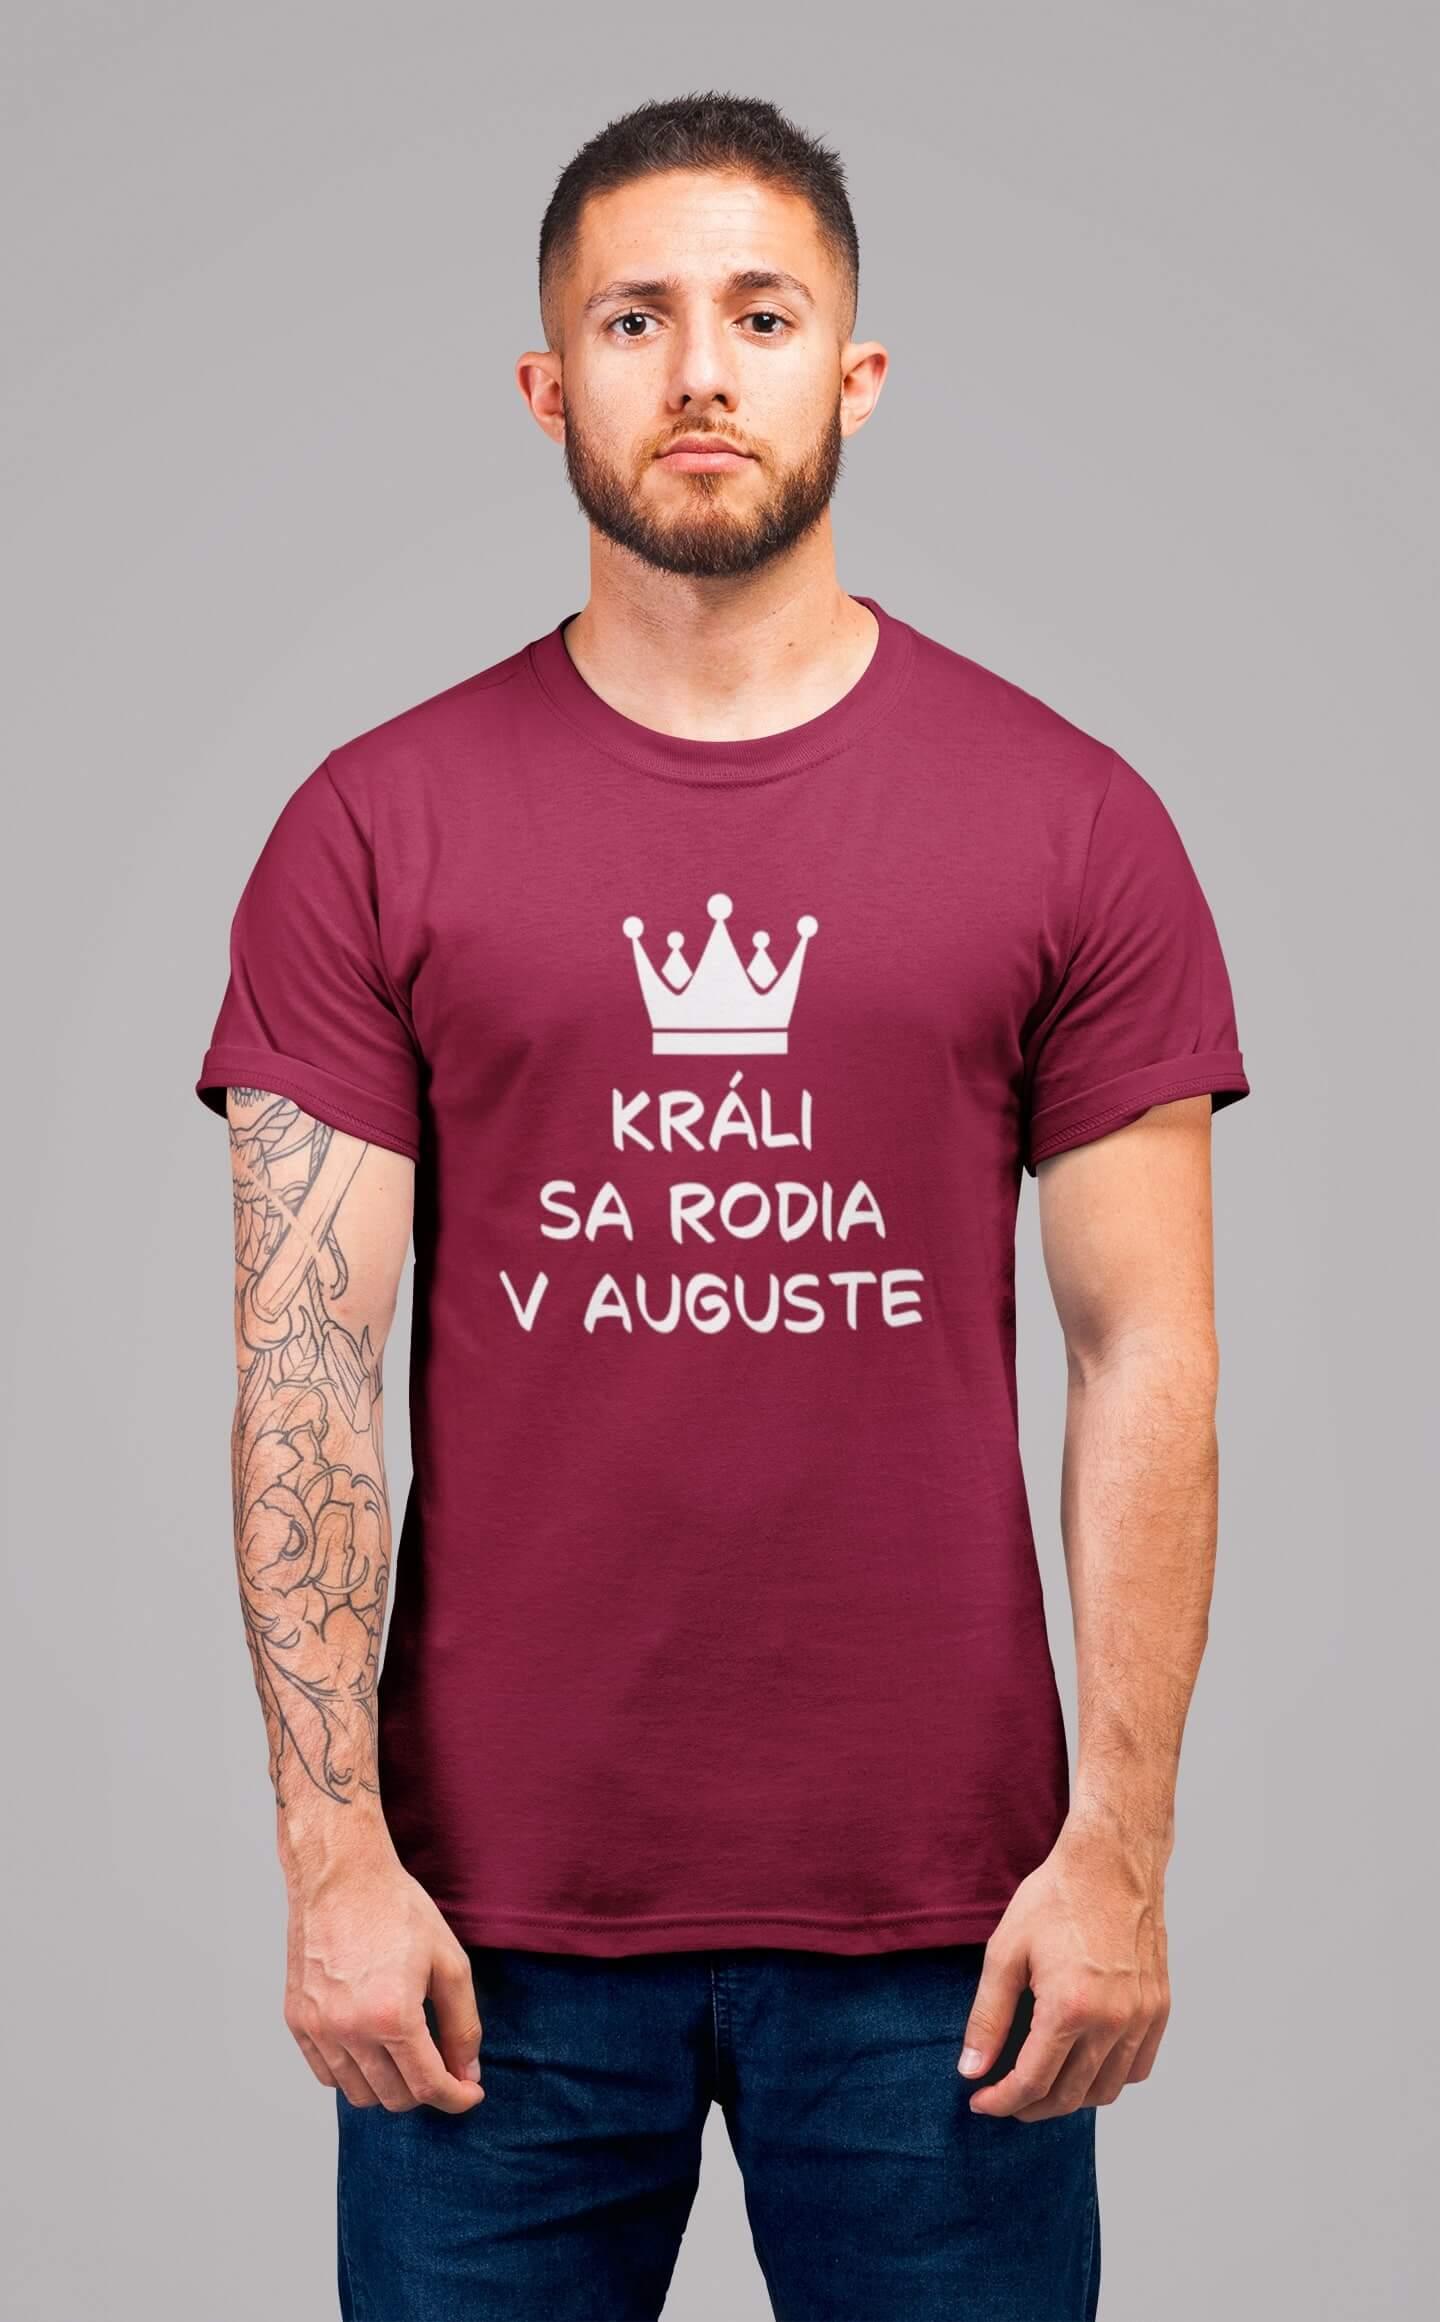 MMO Pánske tričko Králi sa rodia v auguste Vyberte farbu: Marlboro červená, Vyberte veľkosť: M